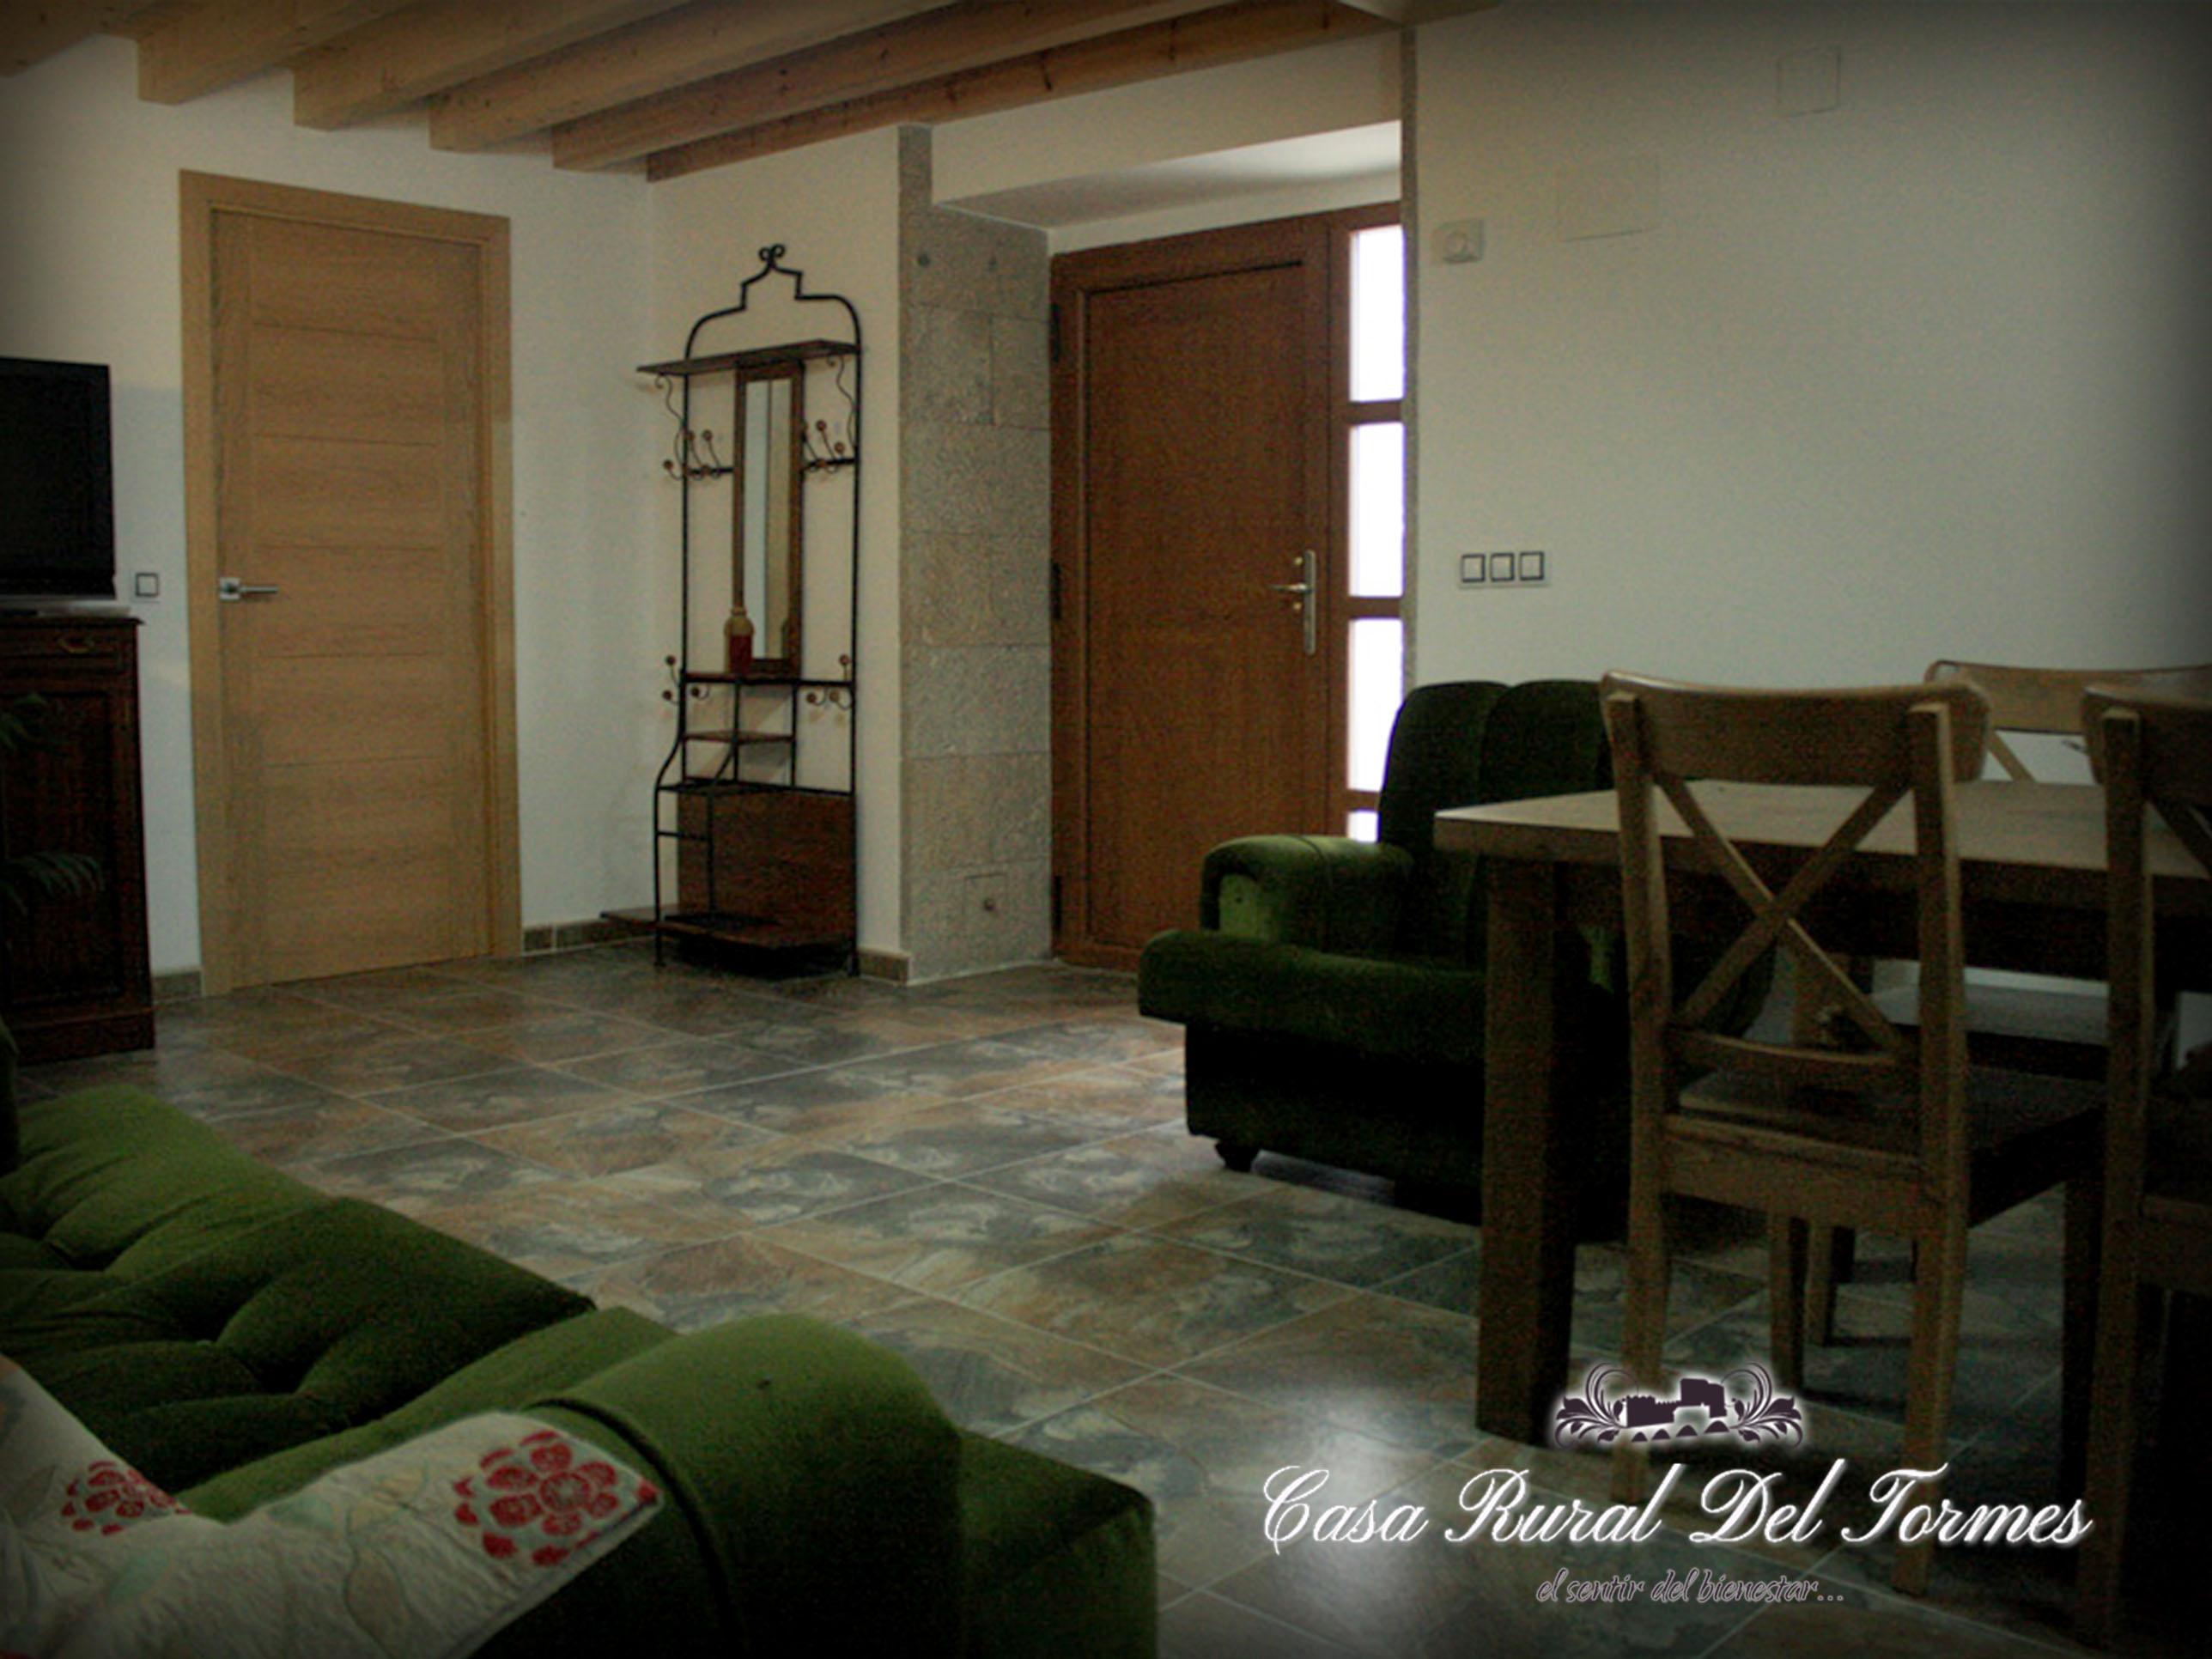 Cocina sala de estar 5 casa rural del tormescasa rural for Sala de estar y cocina